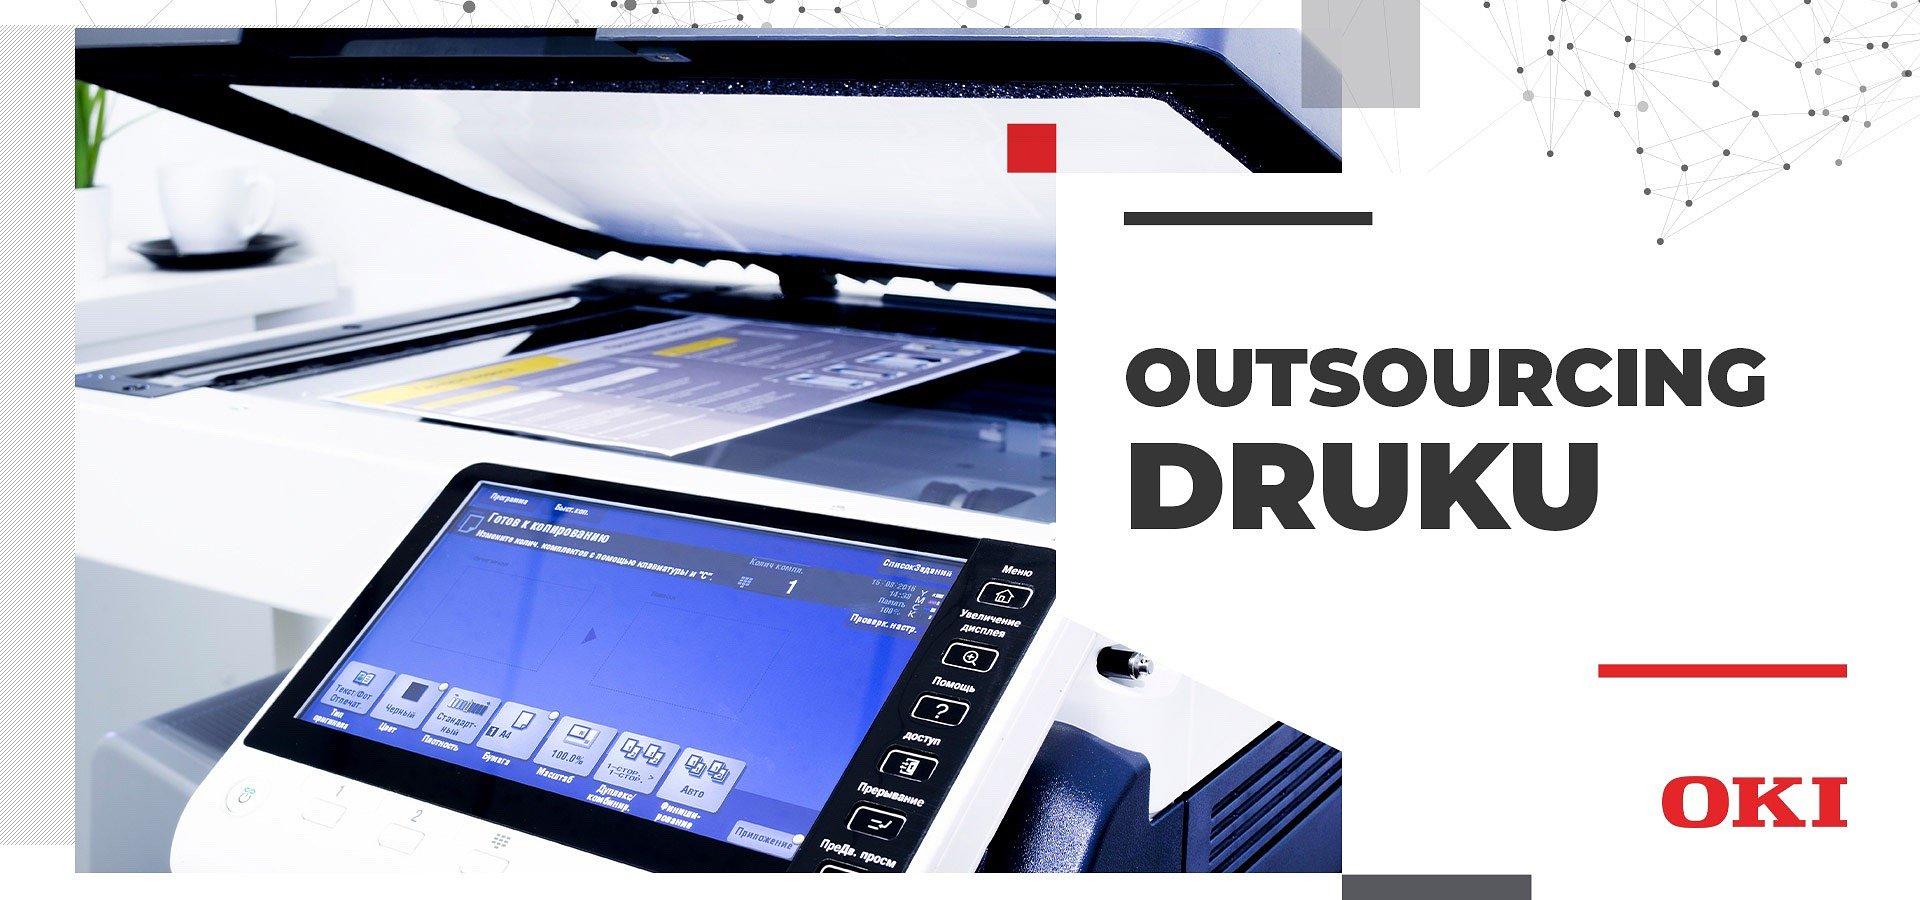 Outsourcing druku – pierwsze źródło oszczędności dla firmy